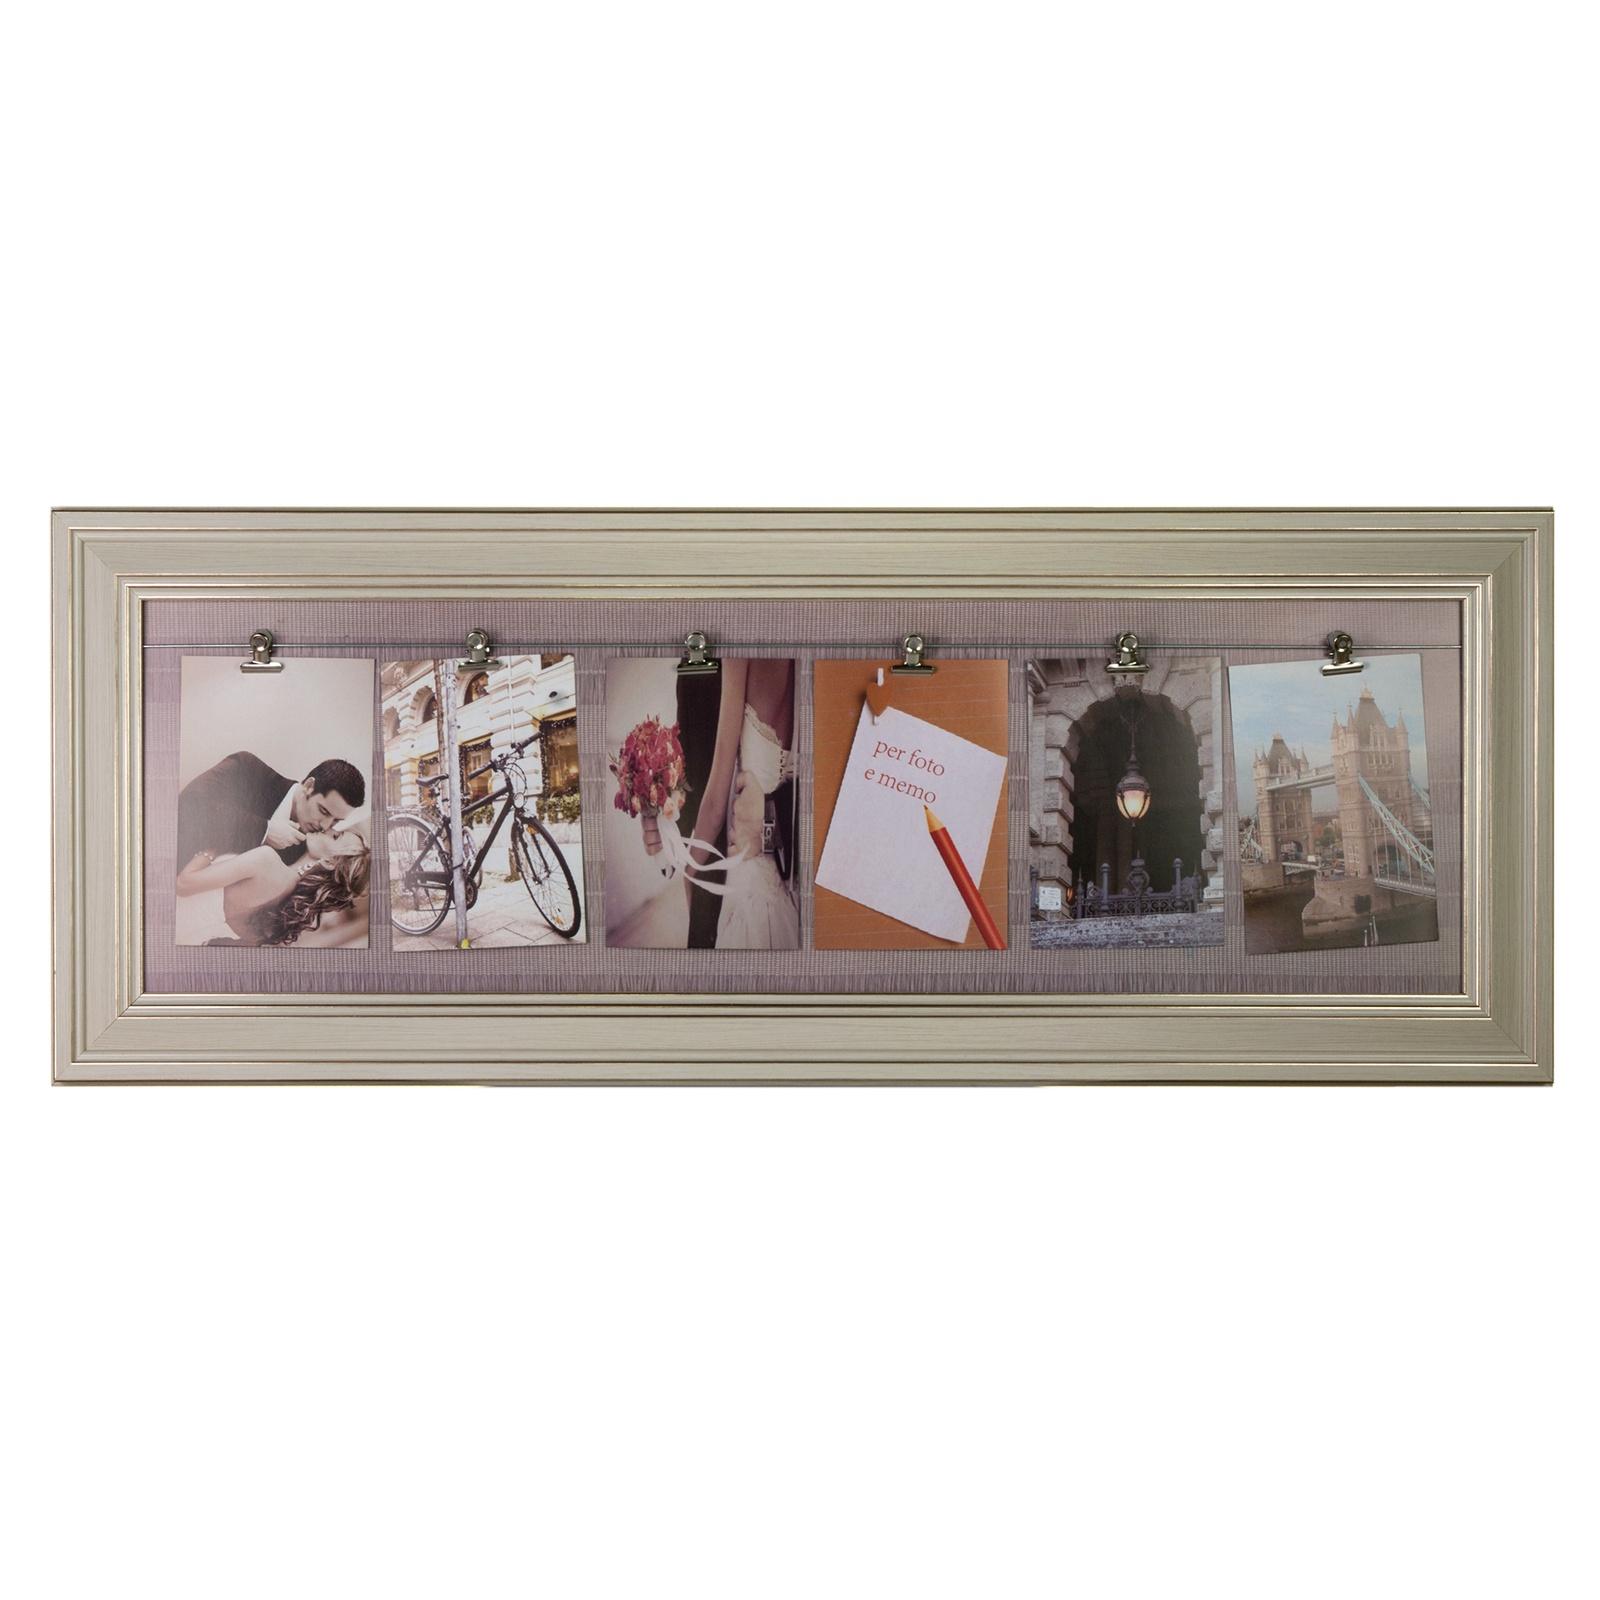 Фоторамка Platinum, на прищепках, цвет: бежевый, на 6 фото 10 х 15 см фоторамка platinum цвет бежевый на 5 фото bin 1123349 cr